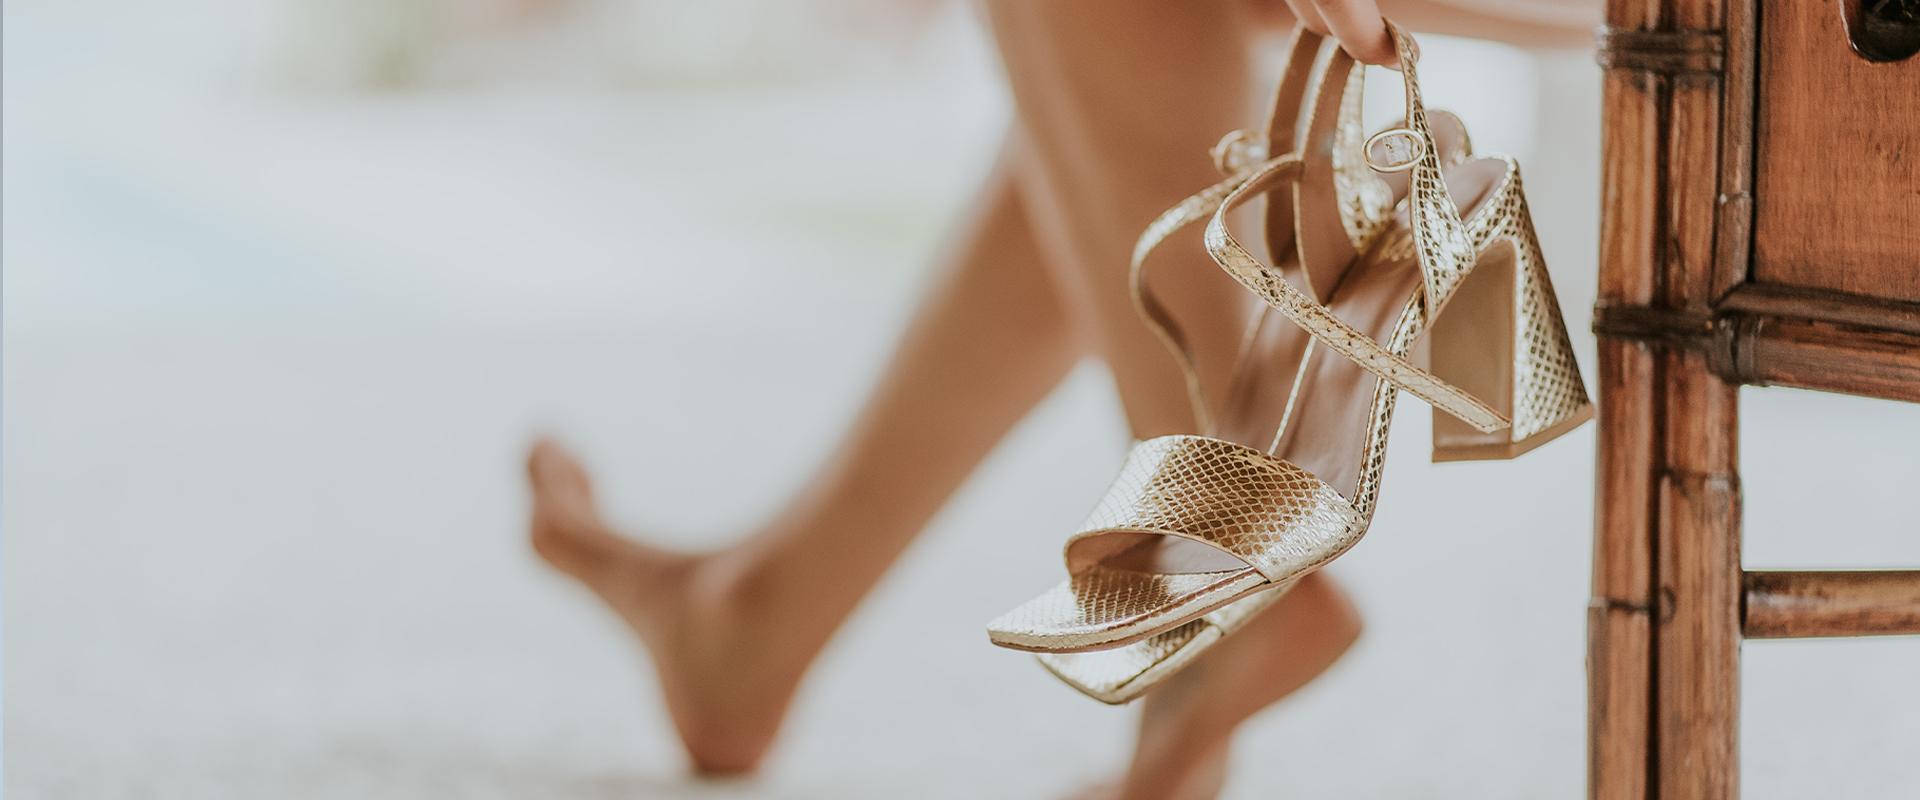 sandálias douradas de mulher